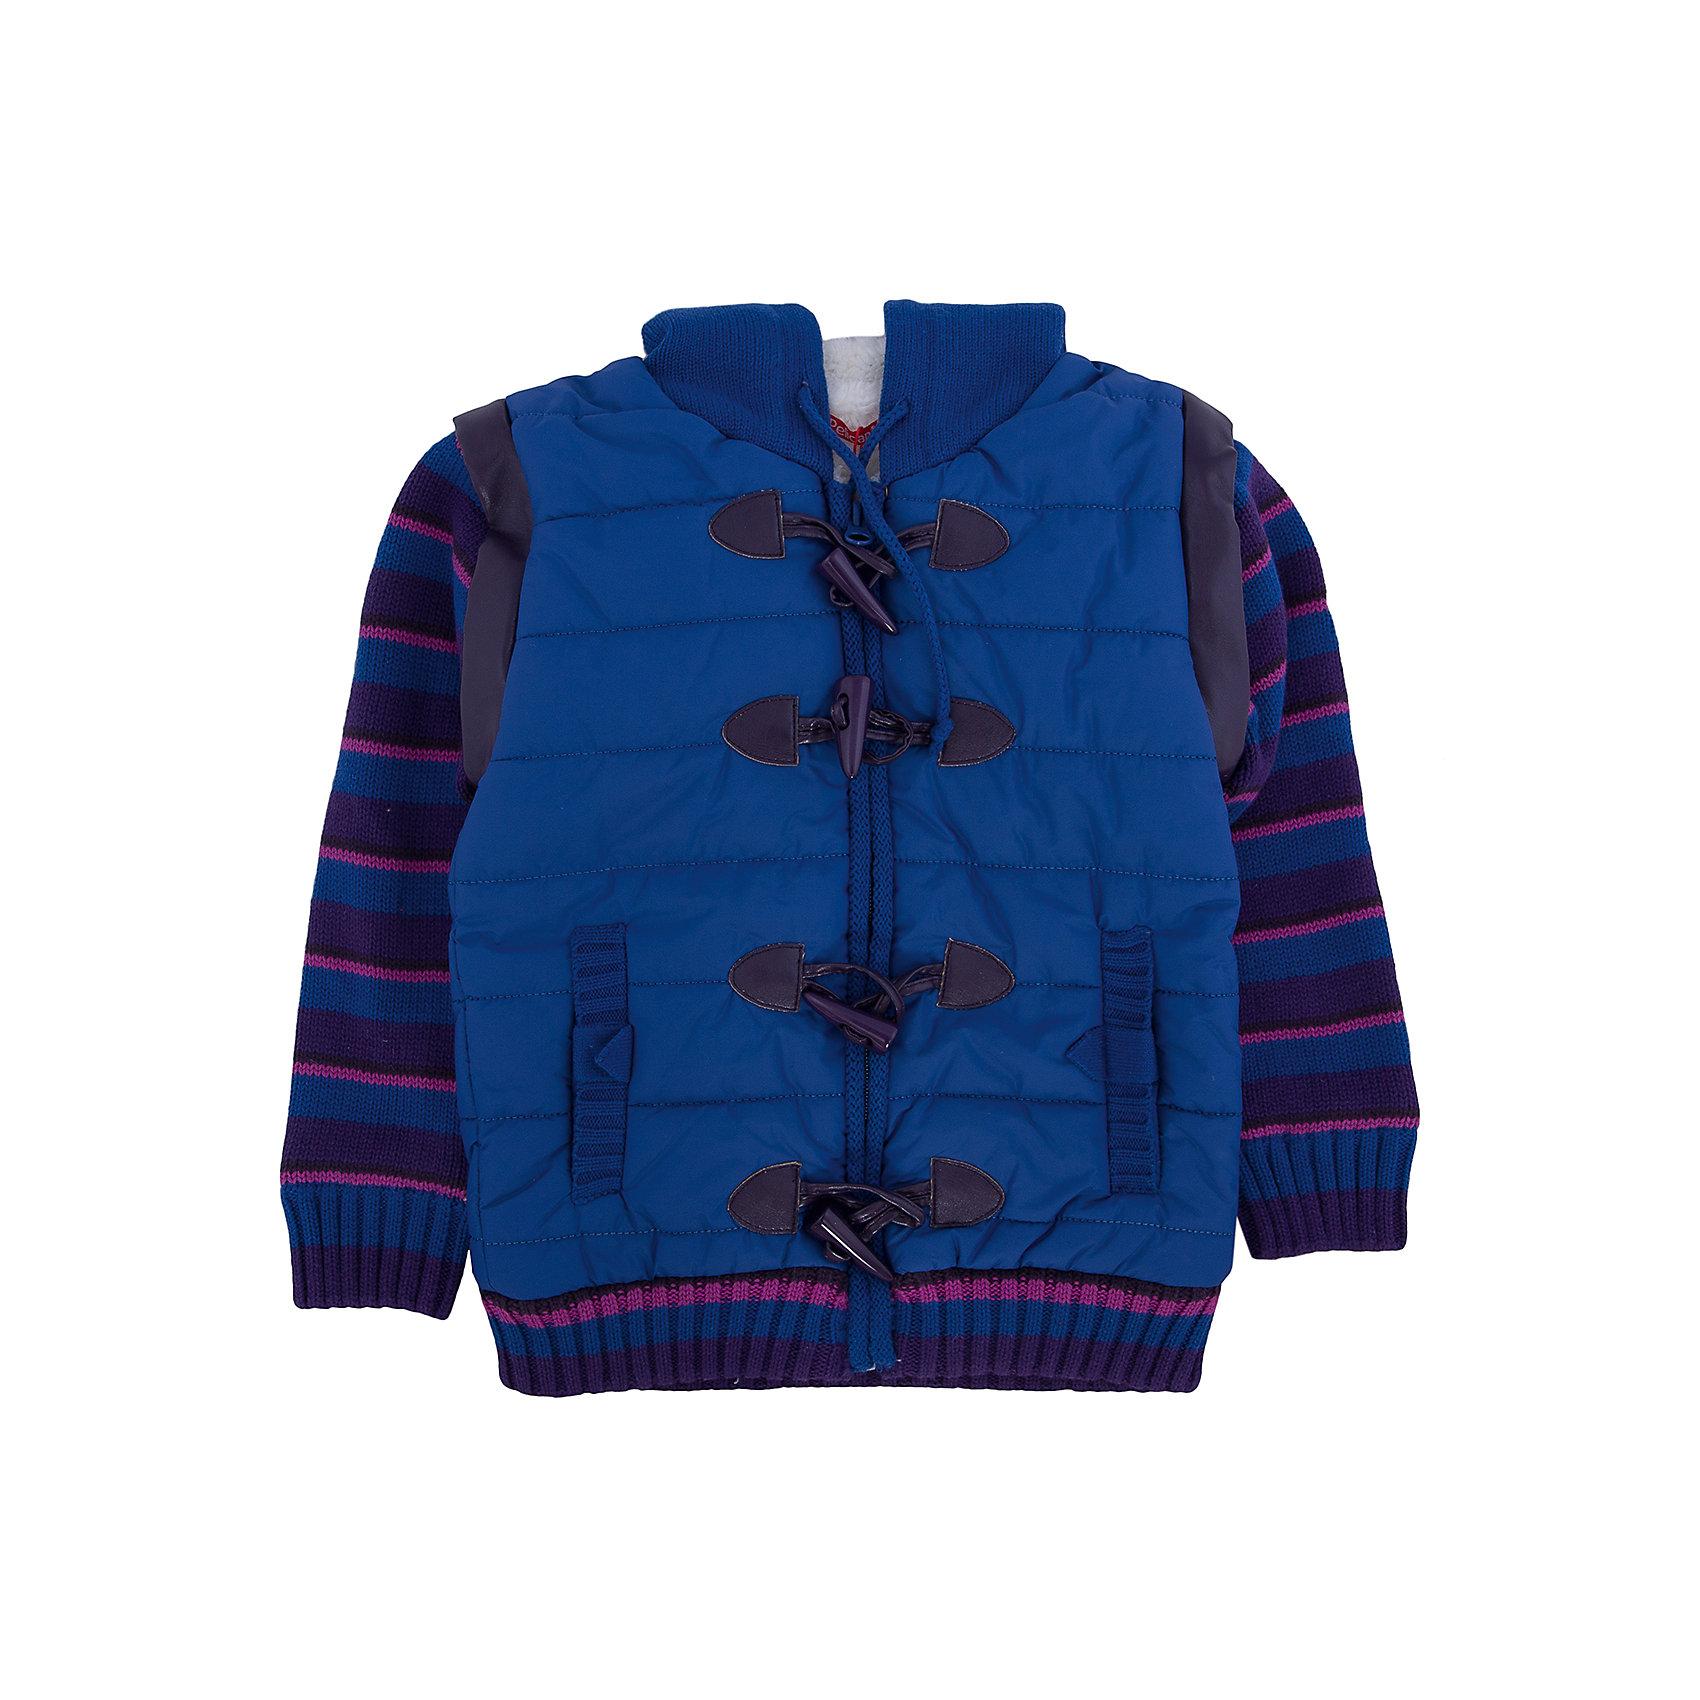 Куртка для девочки PELICANСтильная утепленная куртка для девочки поможет разнообразить гардероб ребенка, создать подходящий ситуации и погоде образ. Удобный крой и качественный материал обеспечат ребенку комфорт при ношении этих вещей. <br>Куртка очень стильно смотрится благодаря актуальному дизайну. Подкладка сделана из искусственного меха, очень мягкого, теплого и приятного на ощупь. Есть съемные рукава на молнии, отделка - из искусственной кожи. На пуговицах и молнии, есть карманы и капюшон. Вставка - из дышащего натурального хлопка. <br><br>Дополнительная информация:<br><br>материал: полиэстер, хлопок;<br>застежка - пуговицы, молния;<br>цвет: фиолетовый;<br>капюшон;<br>карманы;<br>съемные рукава.<br><br>Куртку для девочки от бренда PELICAN (Пеликан) можно купить в нашем магазине.<br><br>Ширина мм: 356<br>Глубина мм: 10<br>Высота мм: 245<br>Вес г: 519<br>Цвет: фиолетовый<br>Возраст от месяцев: 36<br>Возраст до месяцев: 48<br>Пол: Женский<br>Возраст: Детский<br>Размер: 104,98,110,92<br>SKU: 4805058